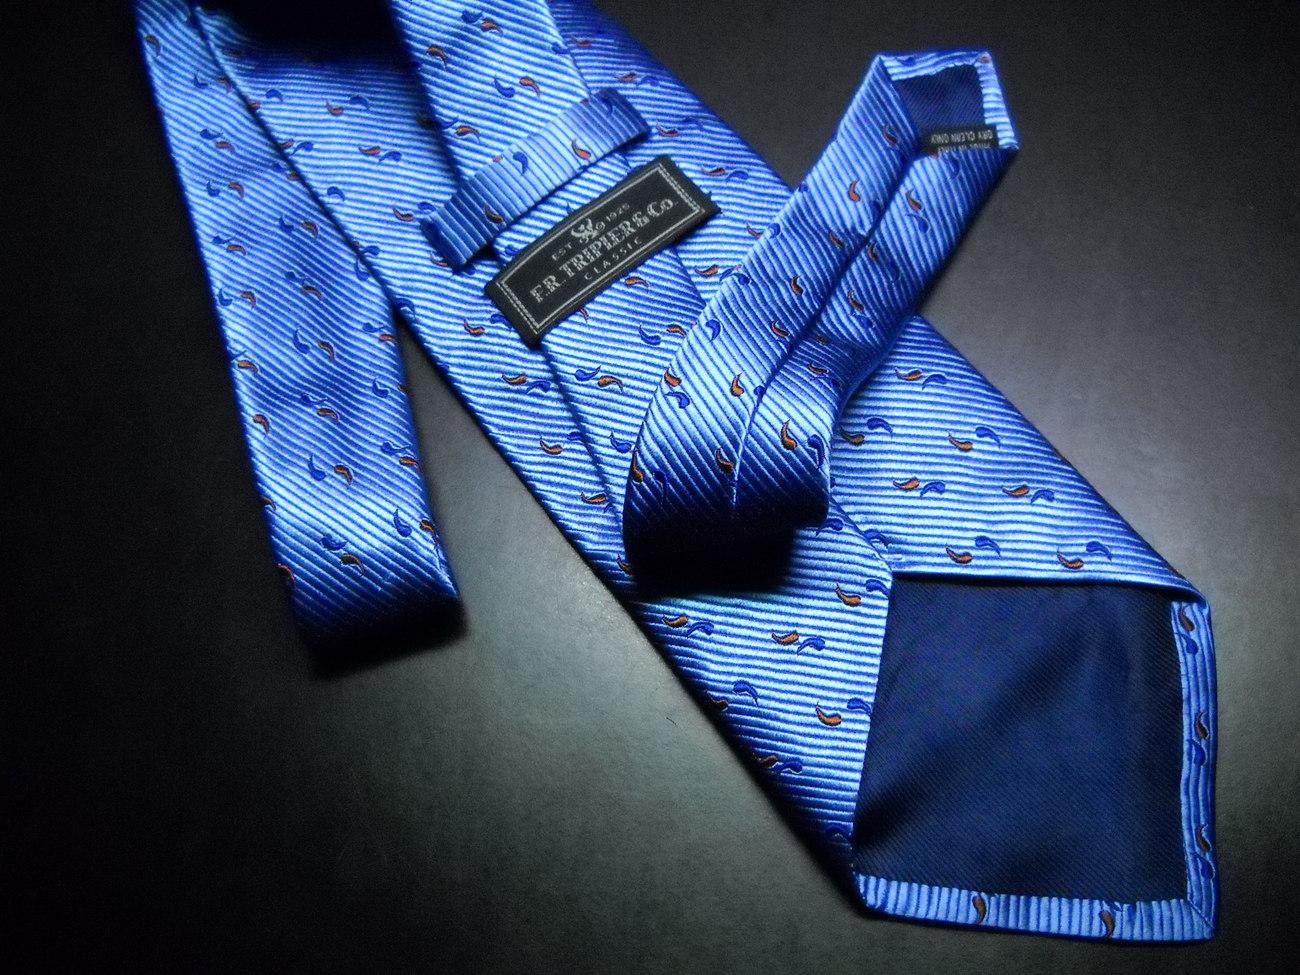 FR Tripler & Co. Neck Tie Silk Italian Bright Blues